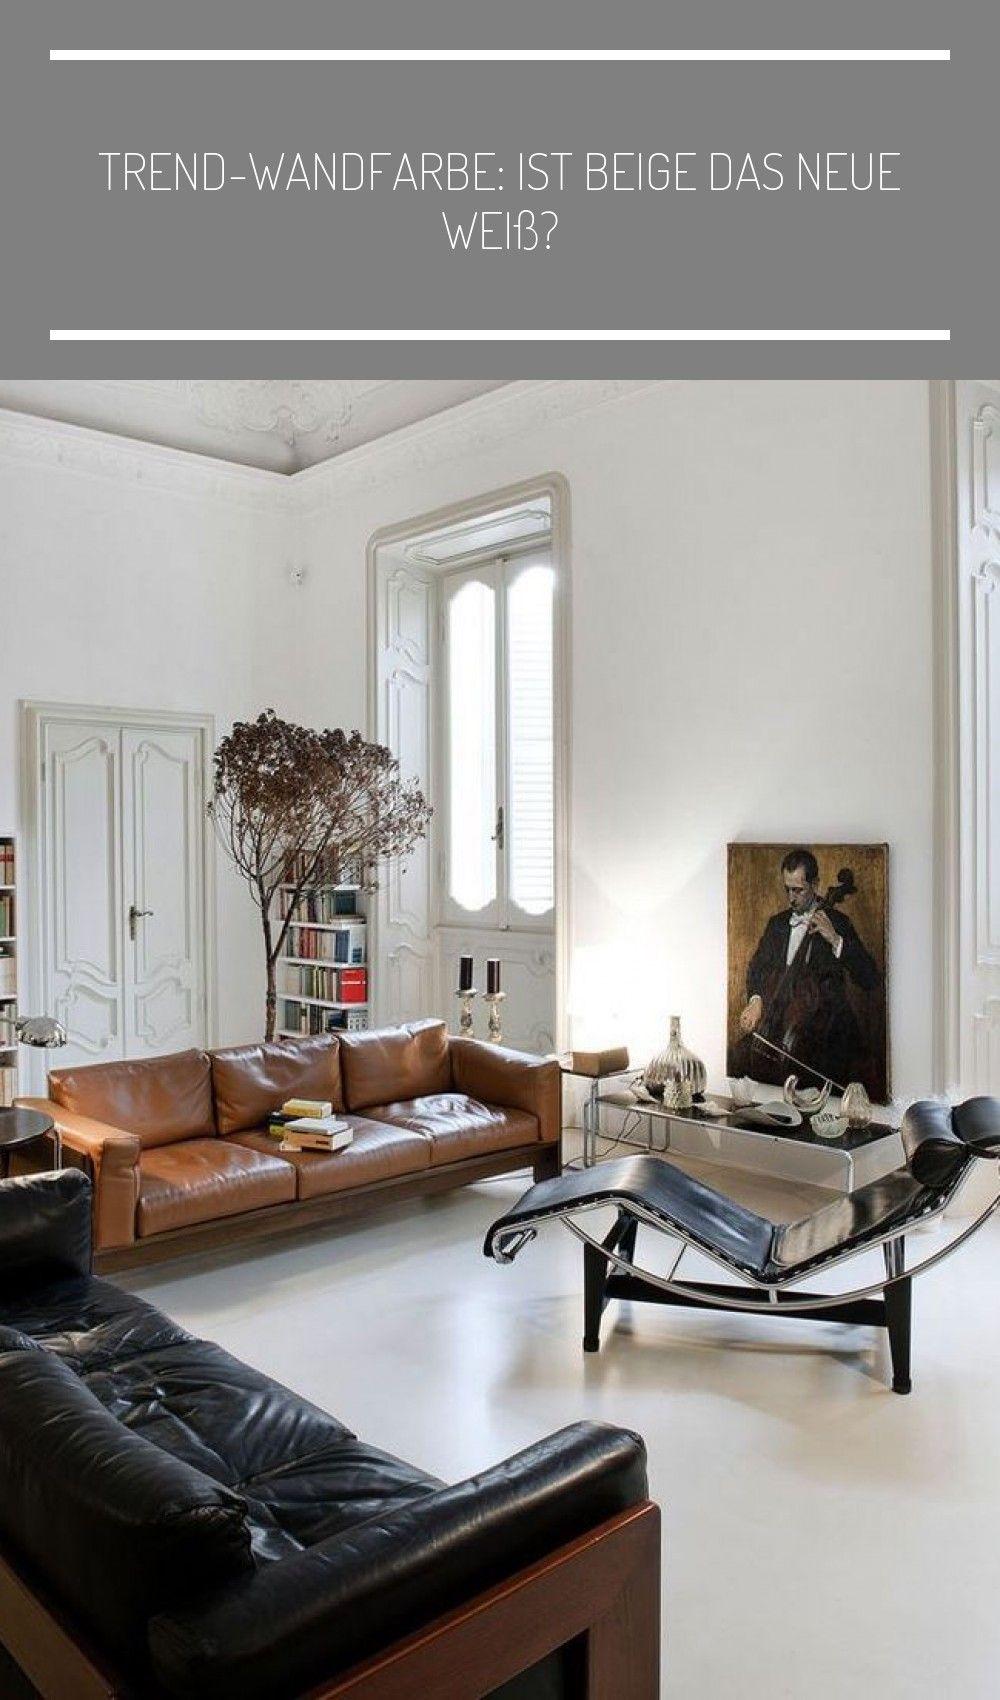 wohnzimmer - #altbau #wohnzimmer #altbauwohnung wohnzimmer